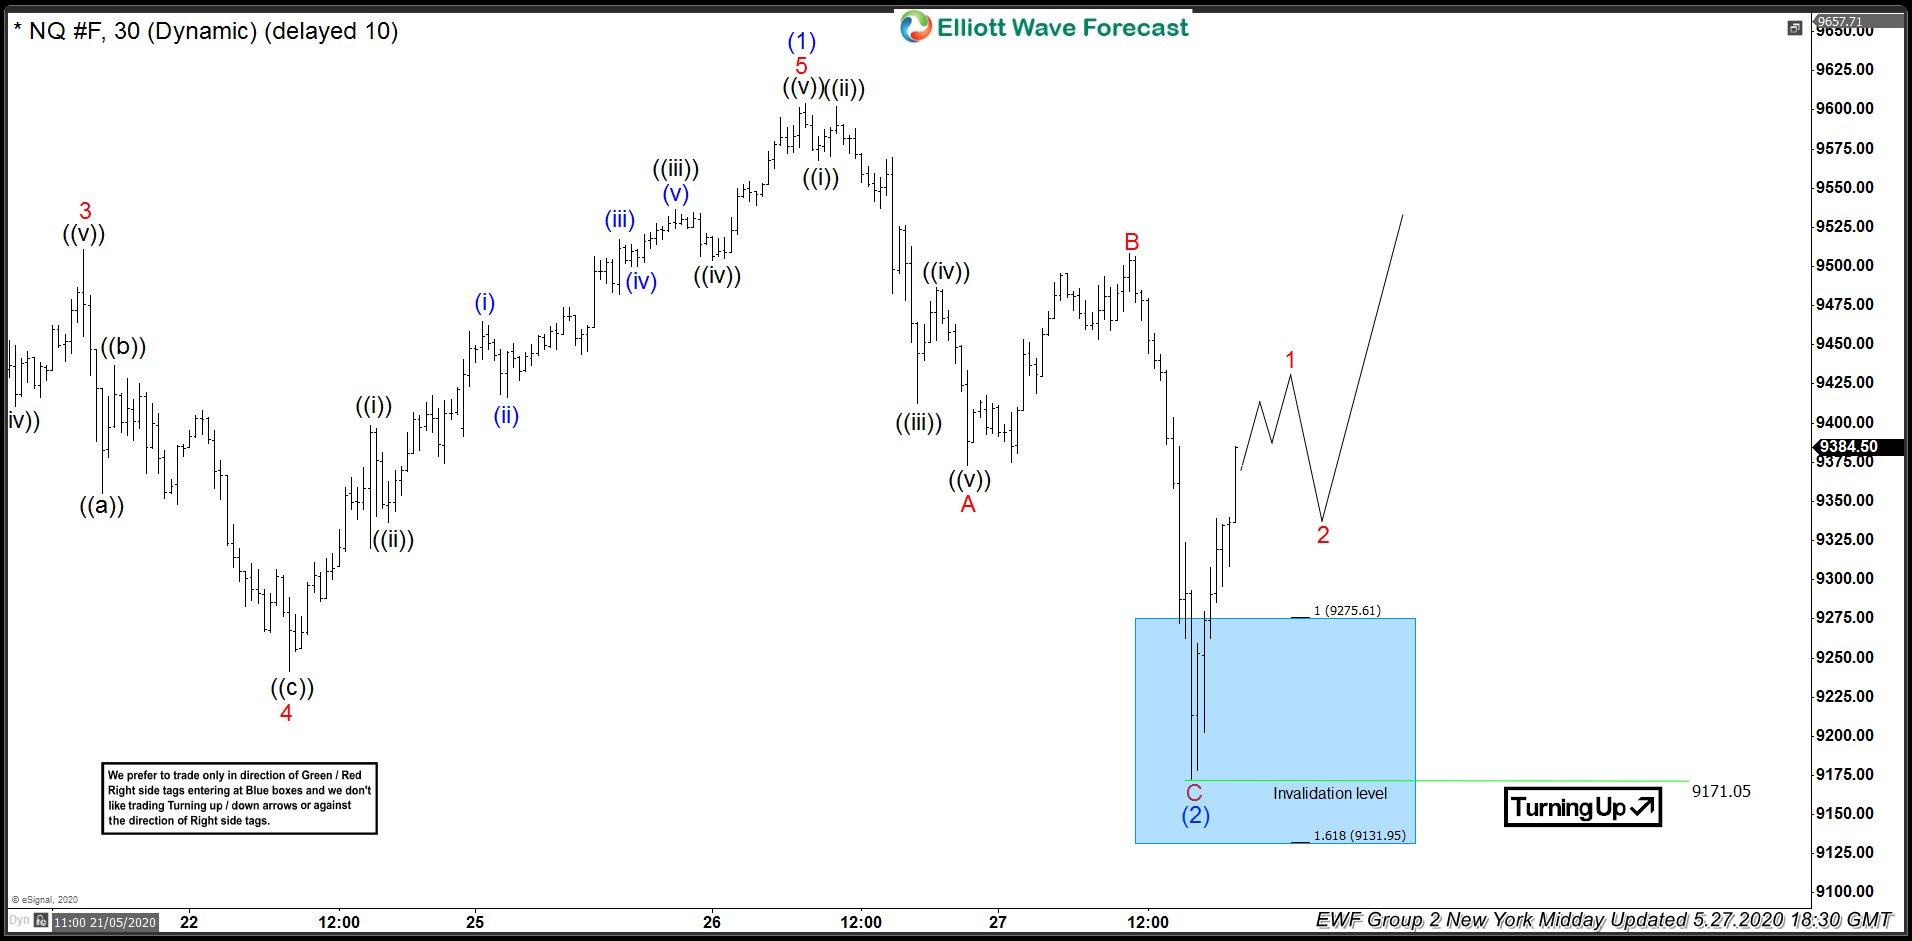 Nasdaq Futures 1 Hour Midday Elliott Wave Analysis